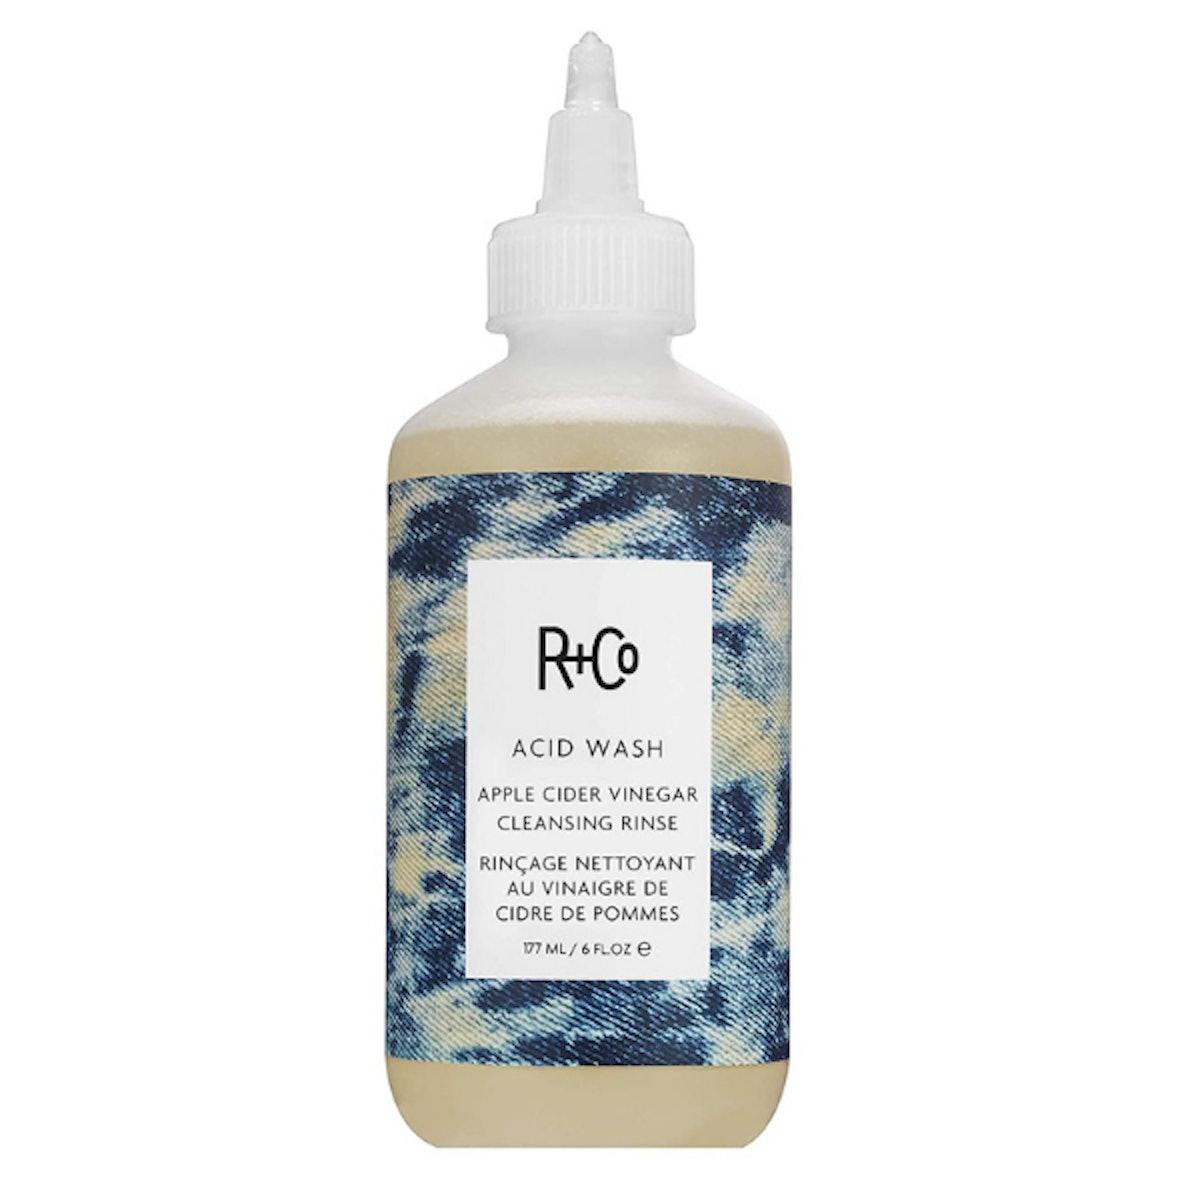 R+Co Acid Wash Apple Cider Vinegar Cleansing Rinse